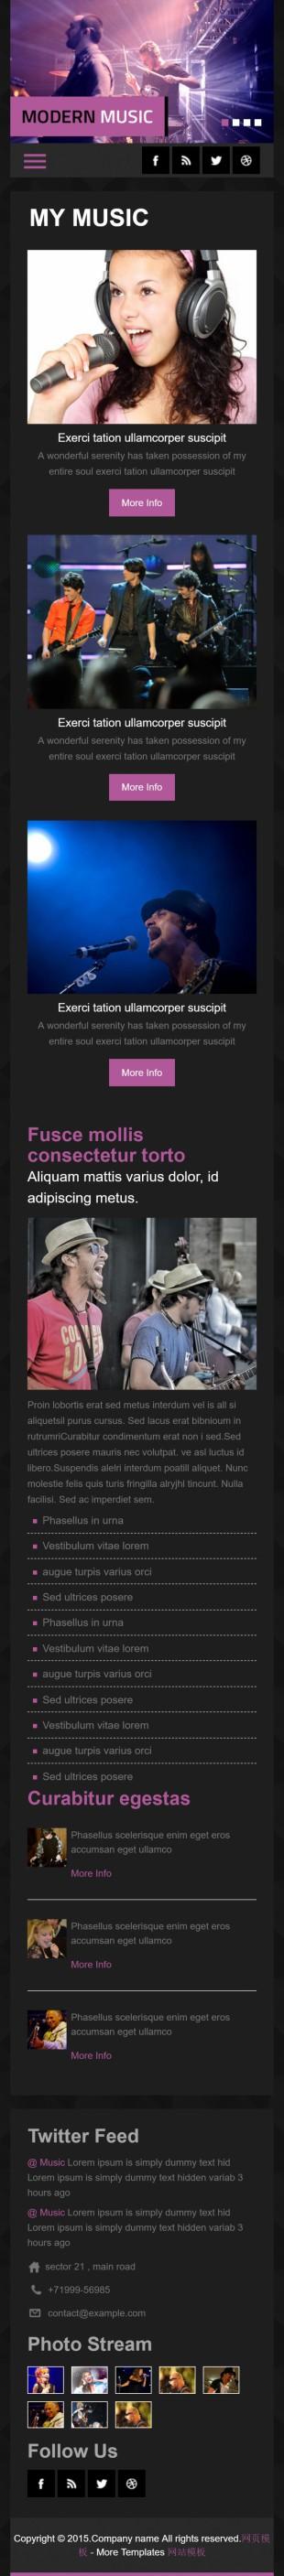 黑色质感音乐演出活动官网英文网站模板制作手机图片